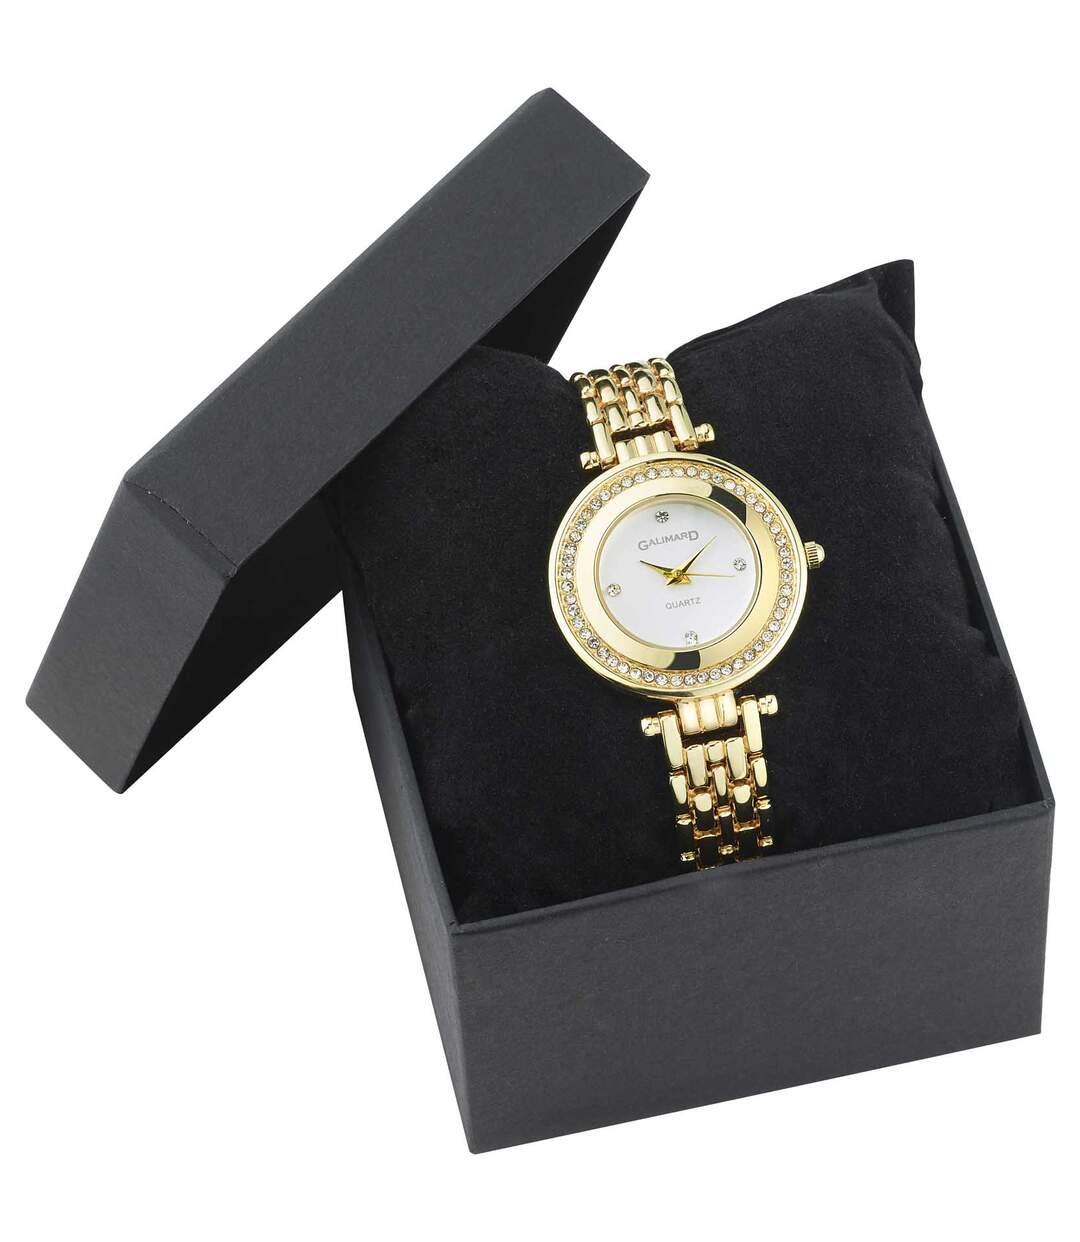 Horloge metsieraden van Galimard